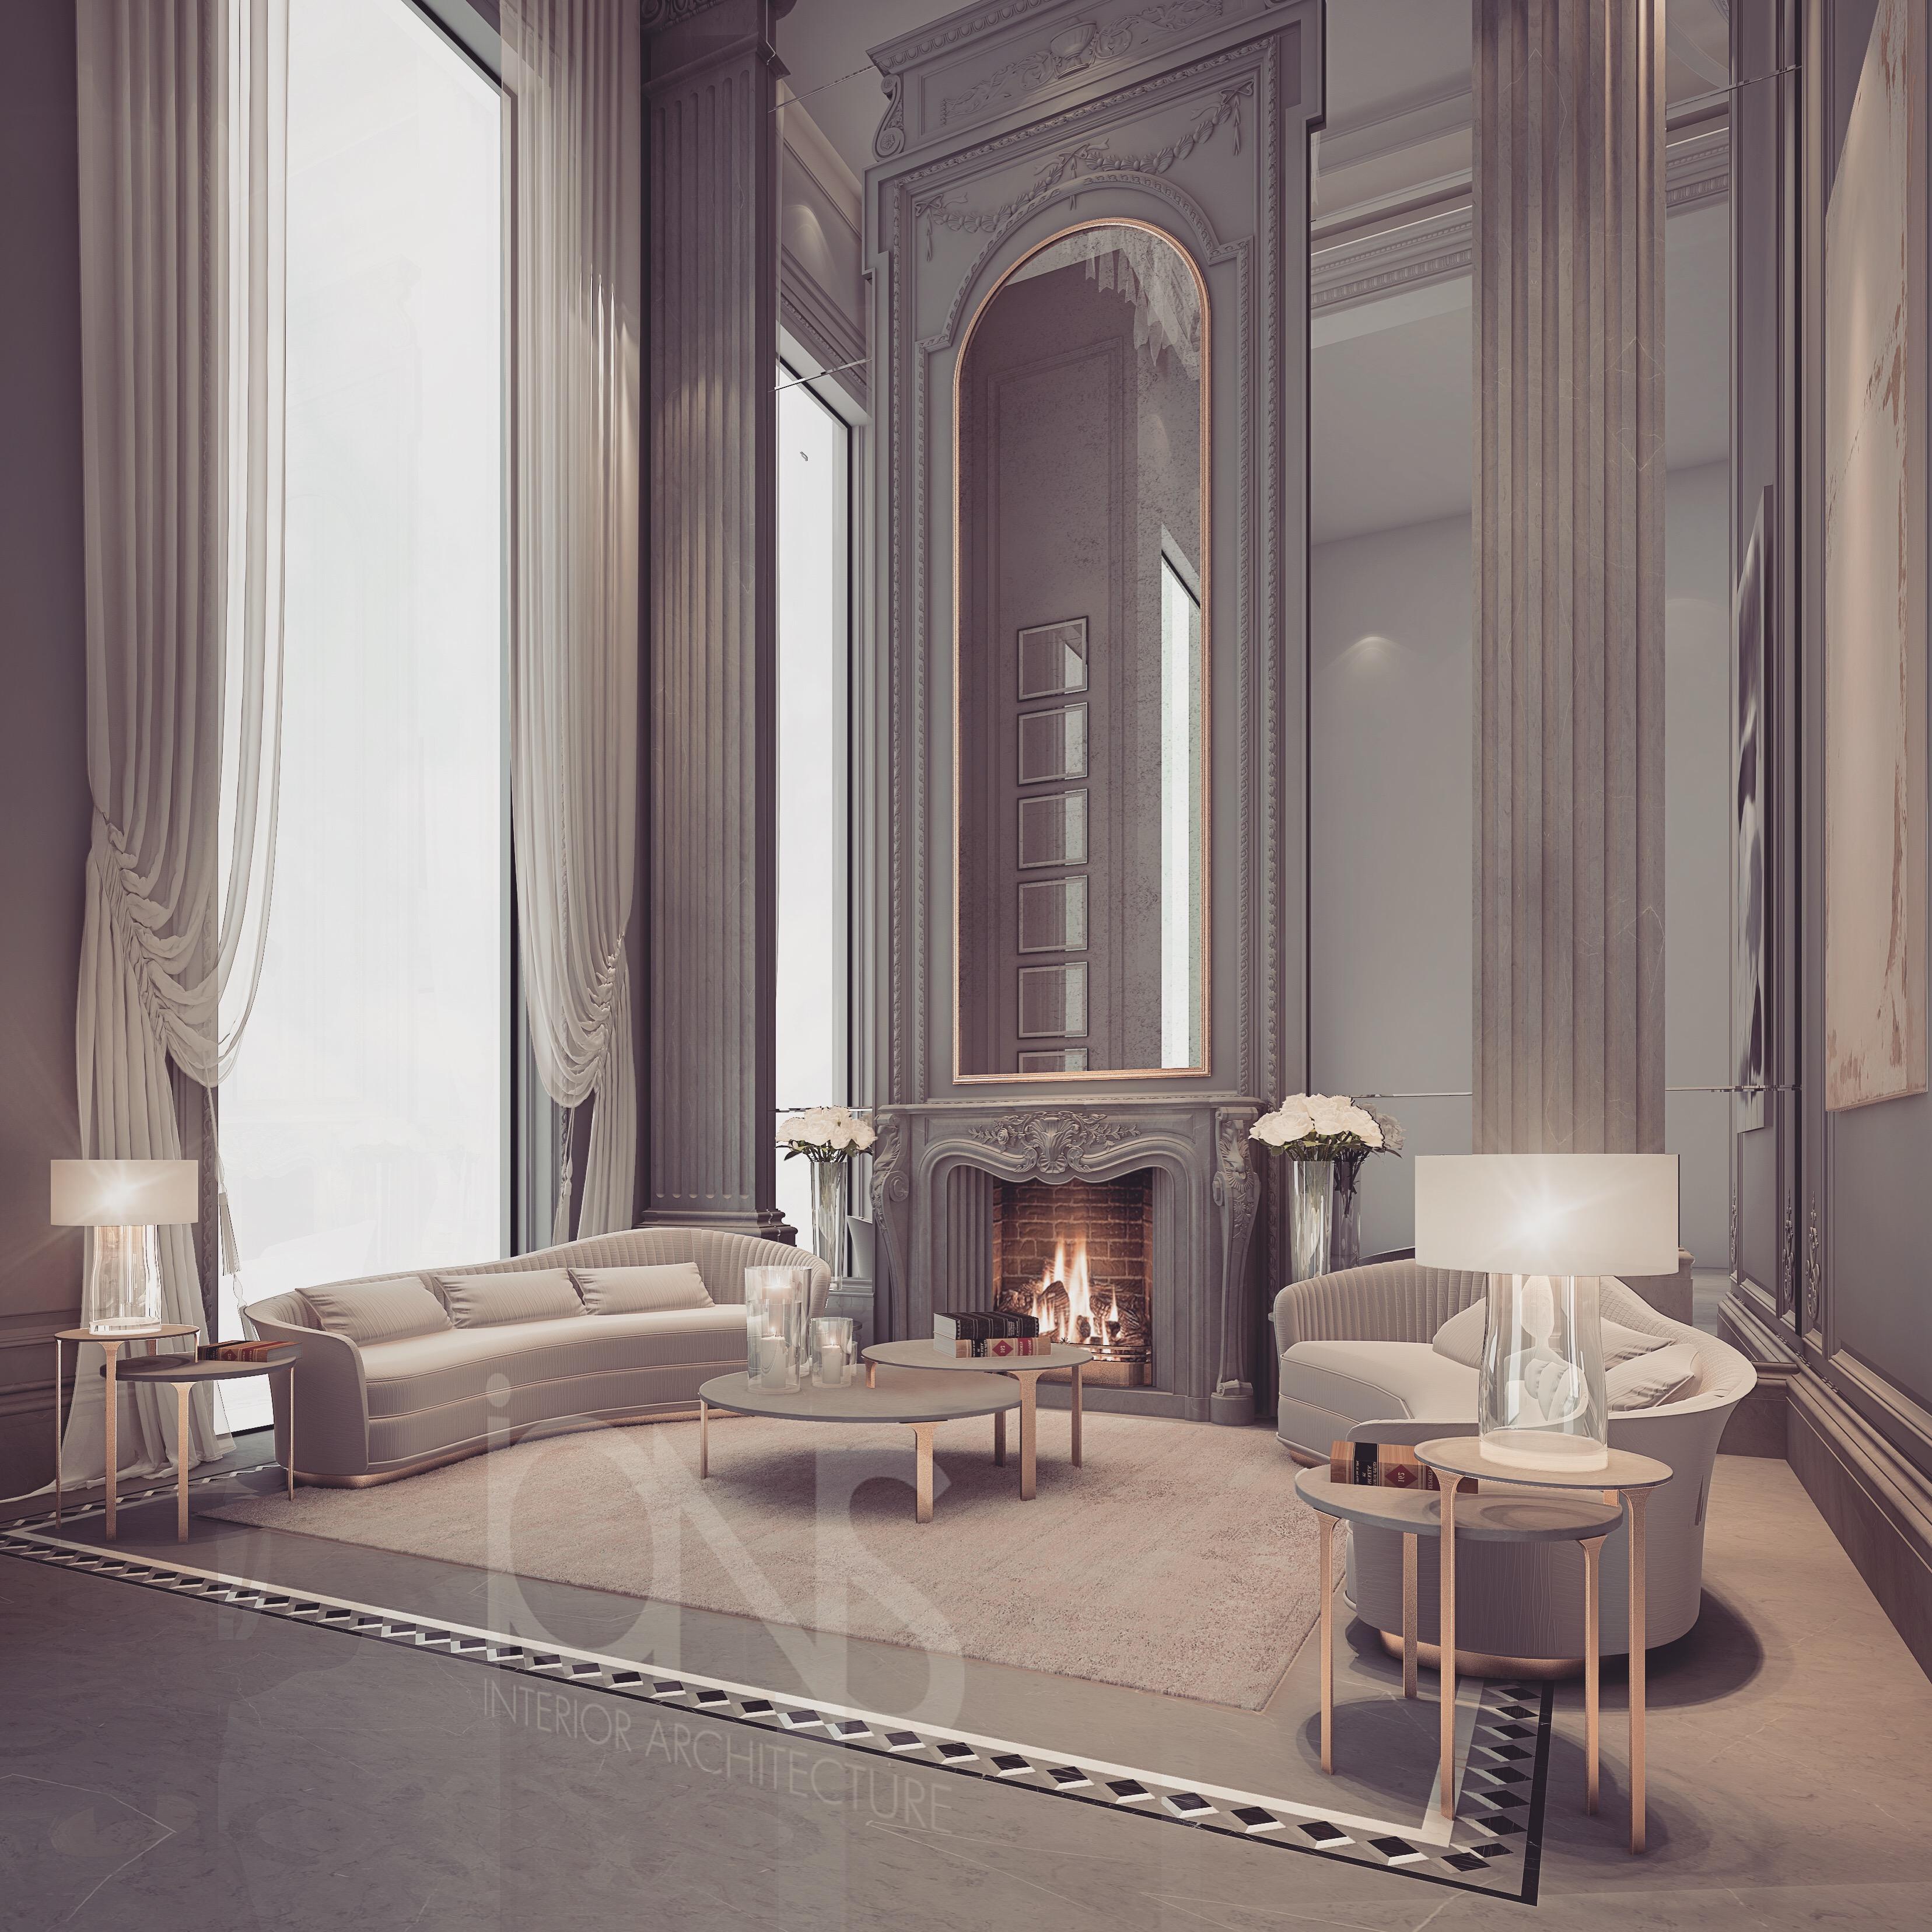 Grand House Interior Designing